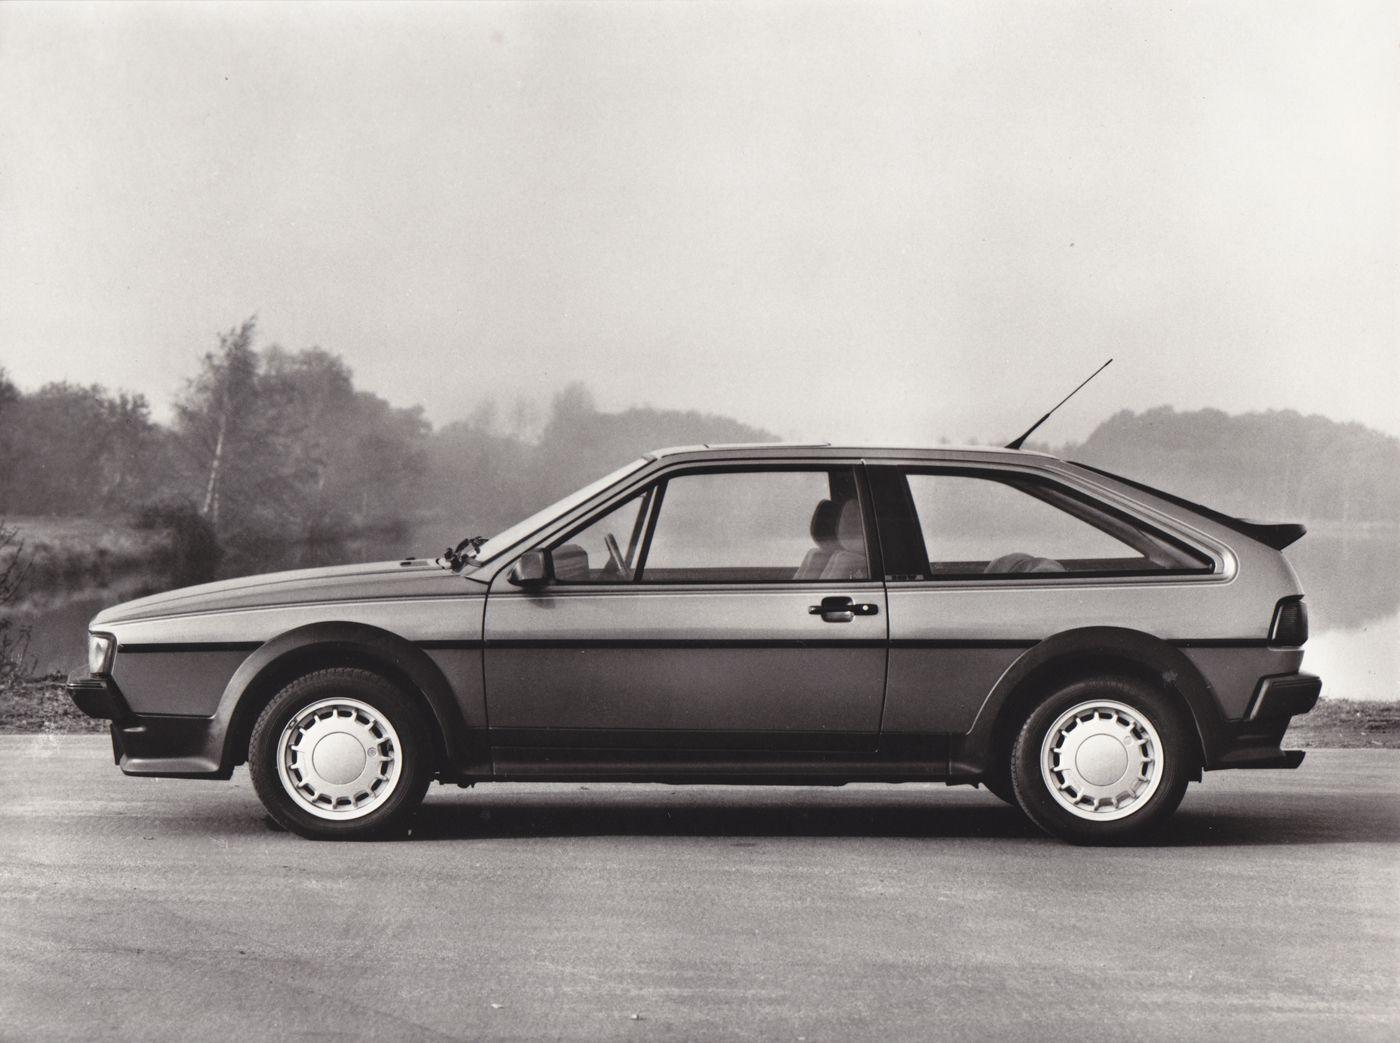 Volkswagen Scirocco GTX 16V - 1985 | SCIROCCO